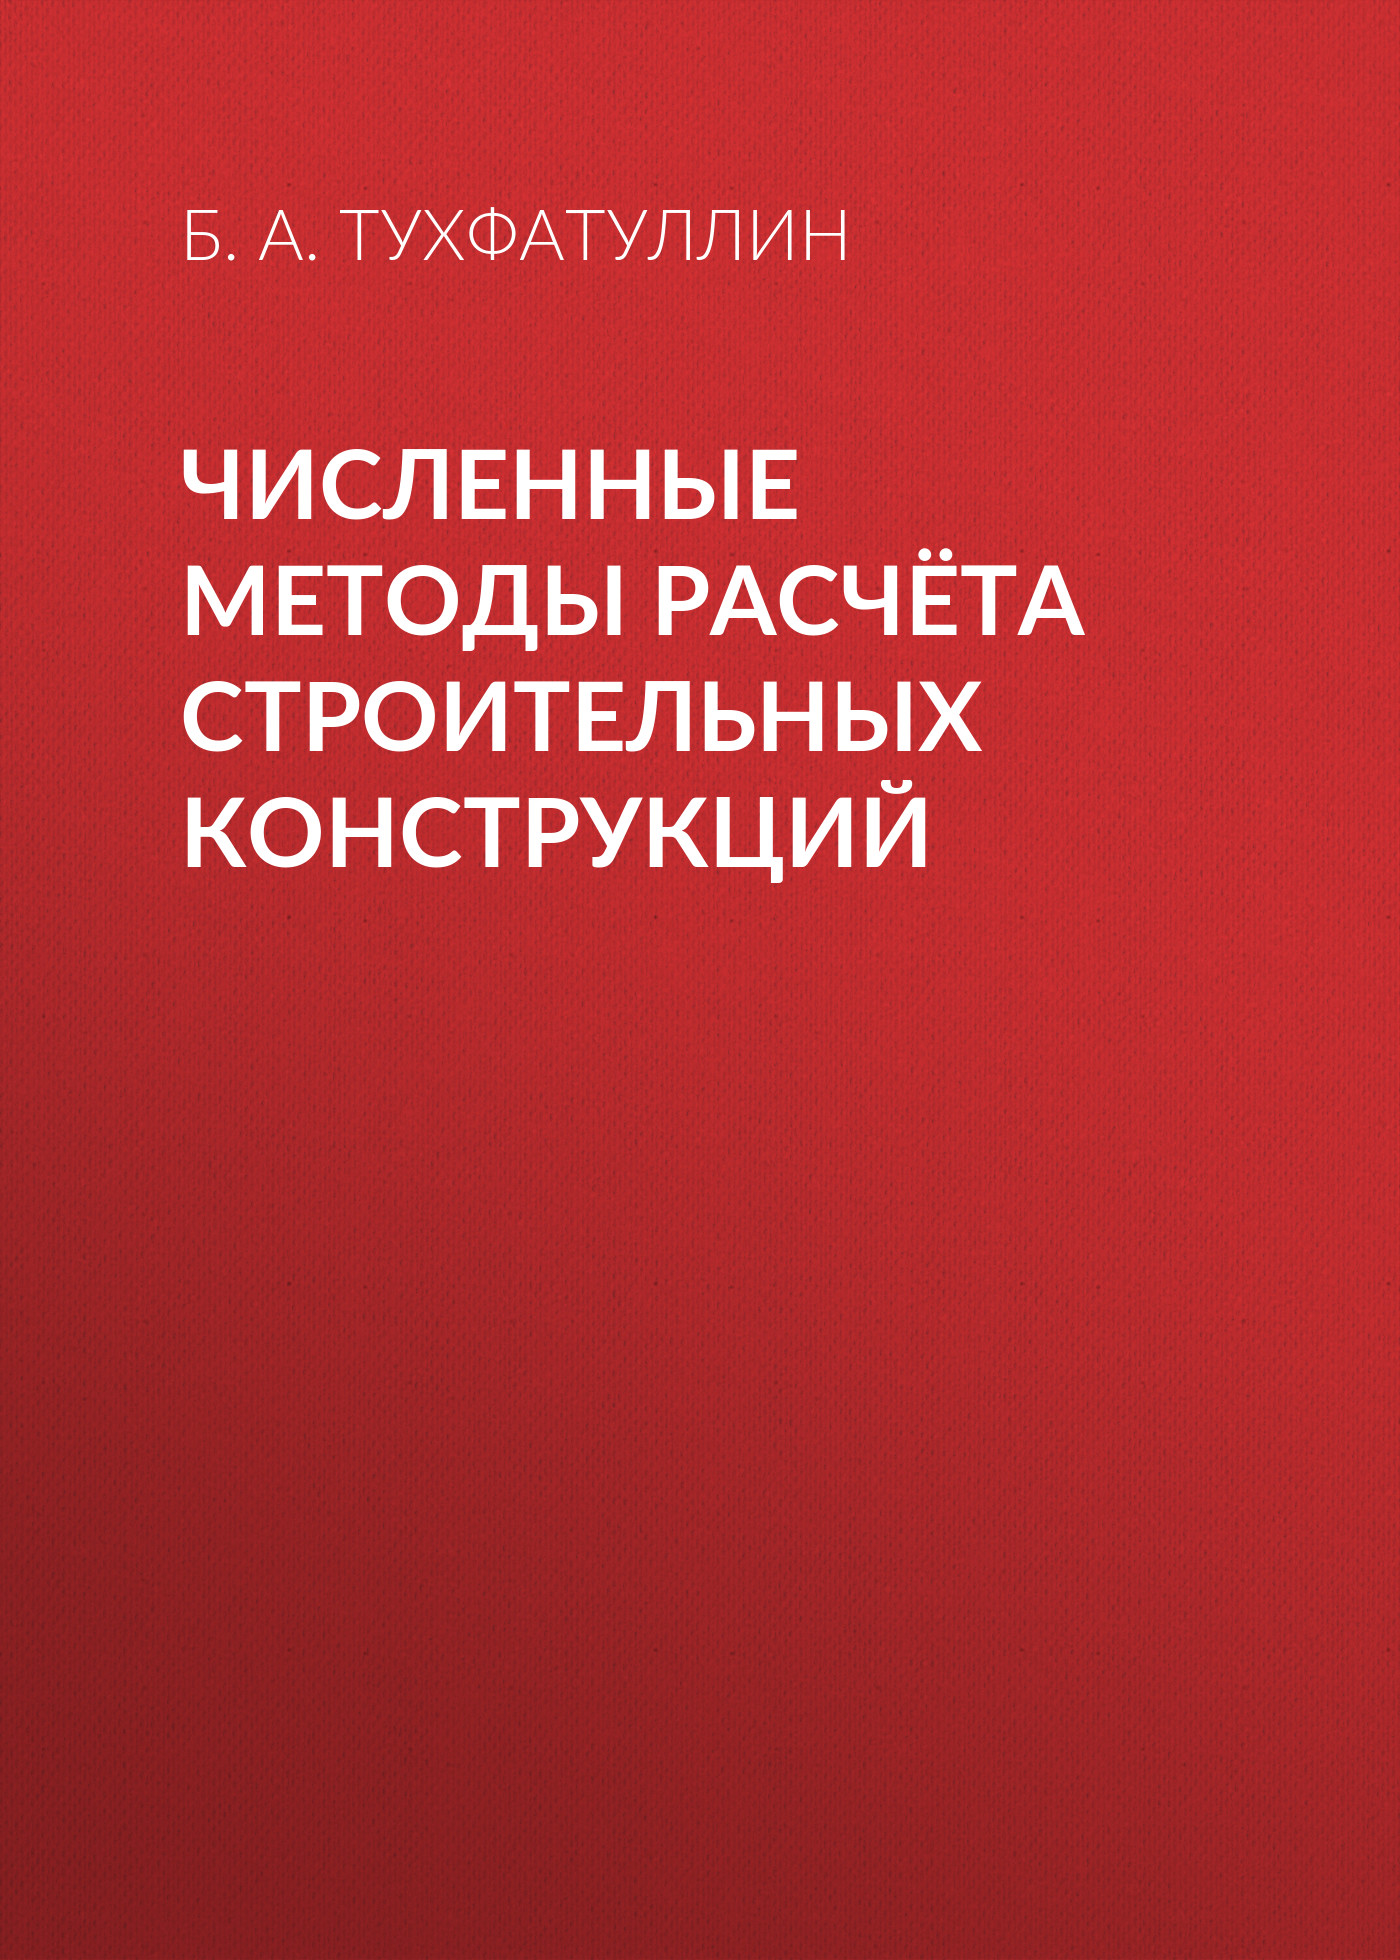 Б. А. Тухфатуллин Численные методы расчёта строительных конструкций